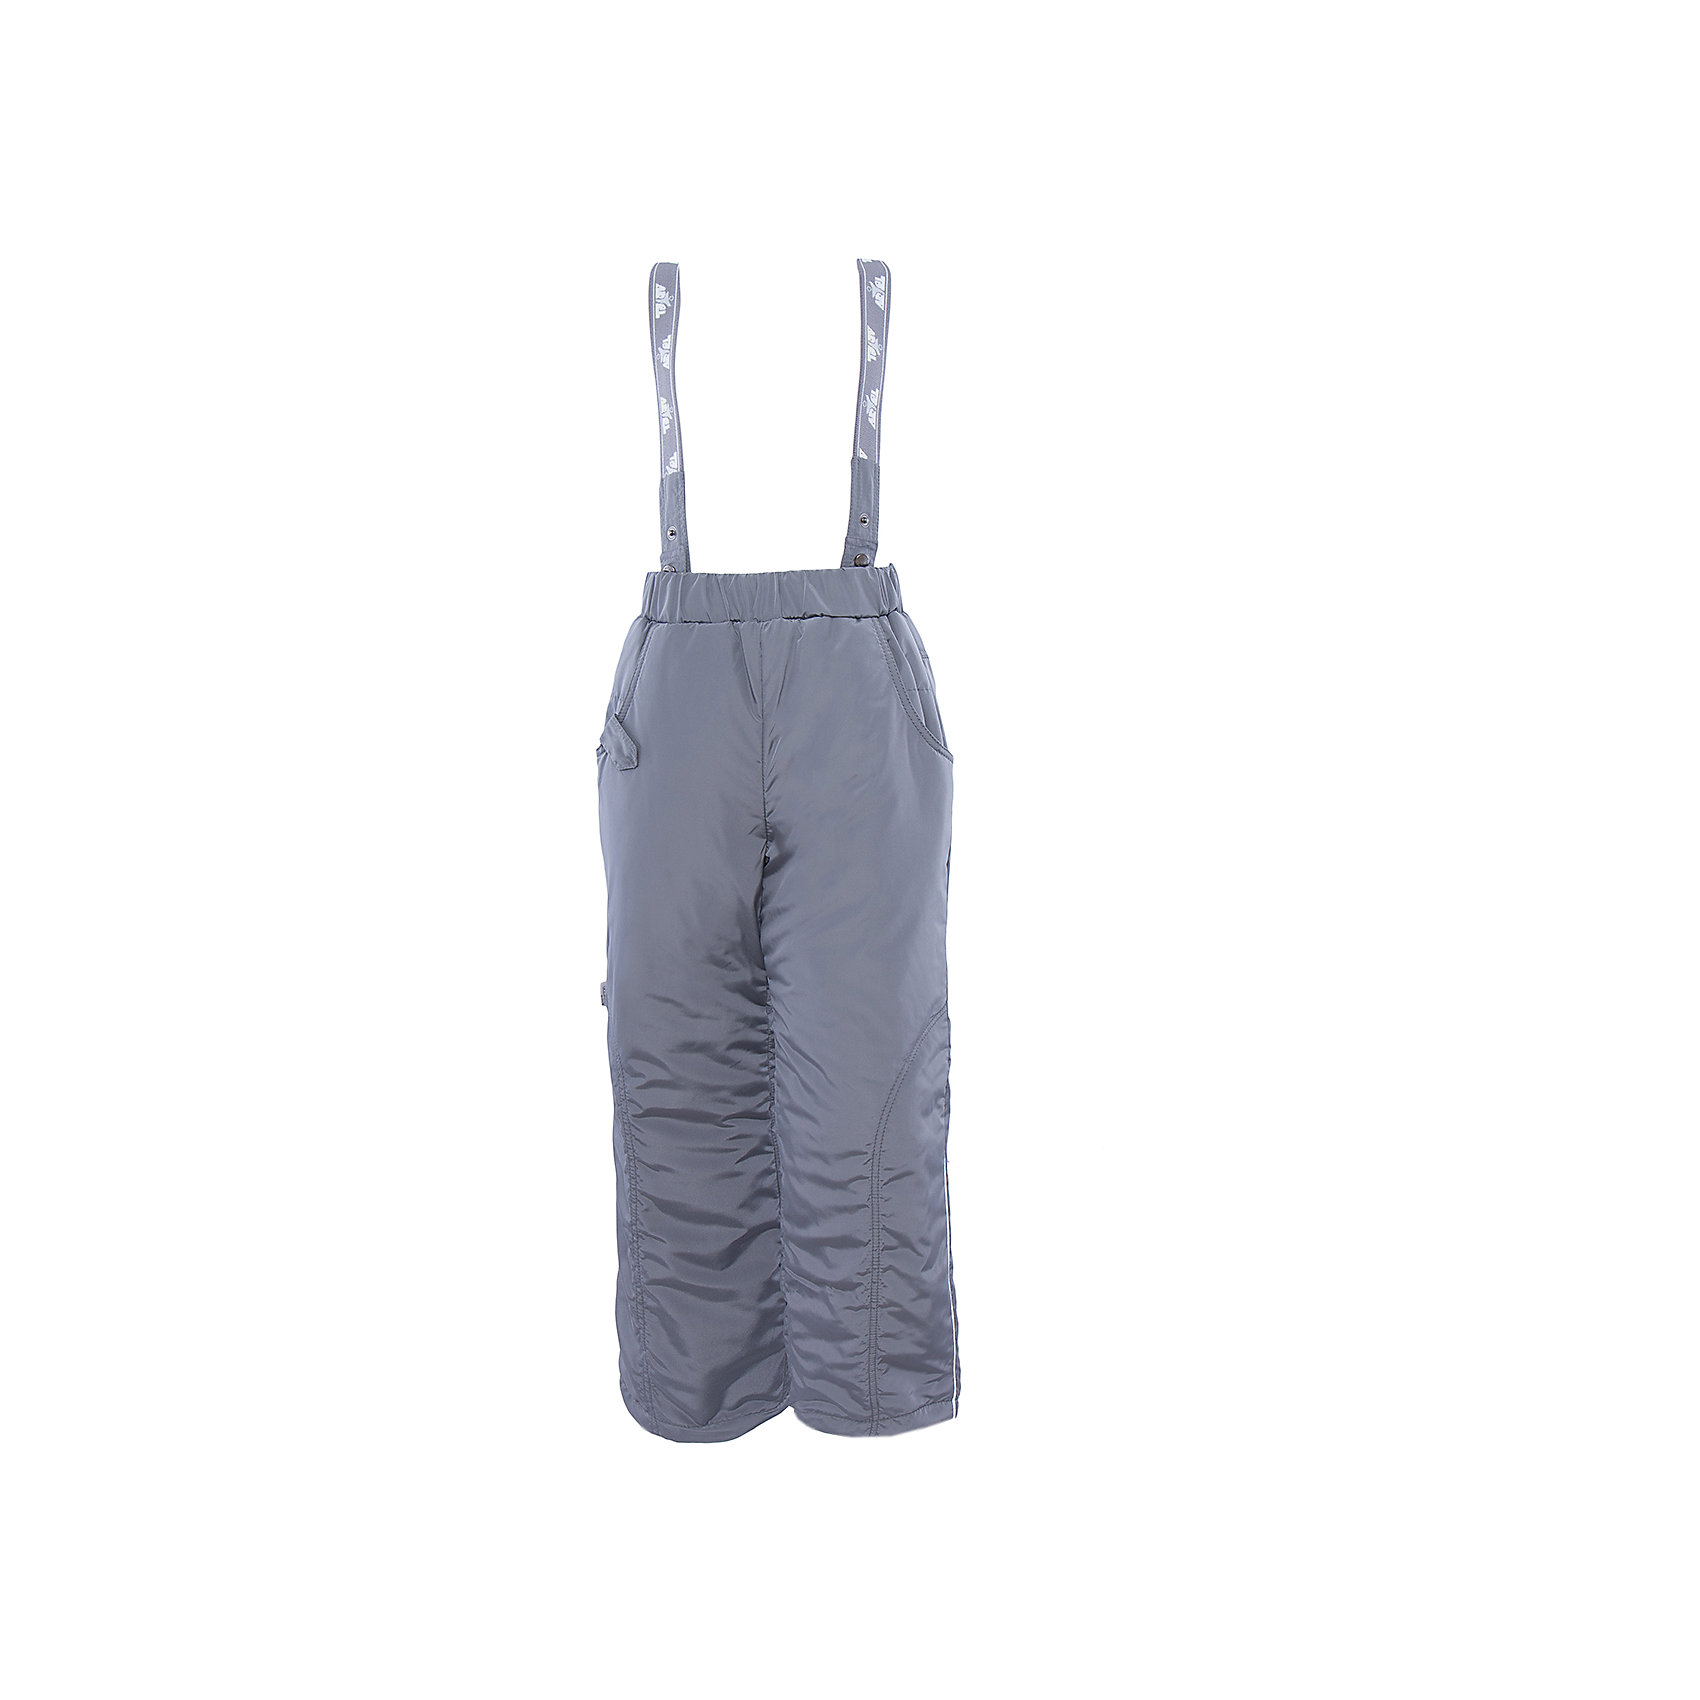 Брюки для девочки АртельБрюки для девочки от известного бренда Артель<br>Утепленные брюки для девочки со съемной спинкой. Эта модель универсальна, т.к. может использоваться как полукомбинезон и просто как брюки. Сзади спинка крепится на молнию<br>Состав:<br>Верх: PRINCE<br>Подкладка: тиси<br>Утеплитель: термофайбер 300гр<br><br>Ширина мм: 215<br>Глубина мм: 88<br>Высота мм: 191<br>Вес г: 336<br>Цвет: серый<br>Возраст от месяцев: 72<br>Возраст до месяцев: 84<br>Пол: Женский<br>Возраст: Детский<br>Размер: 122,158,152,146,140,134,128<br>SKU: 4963883